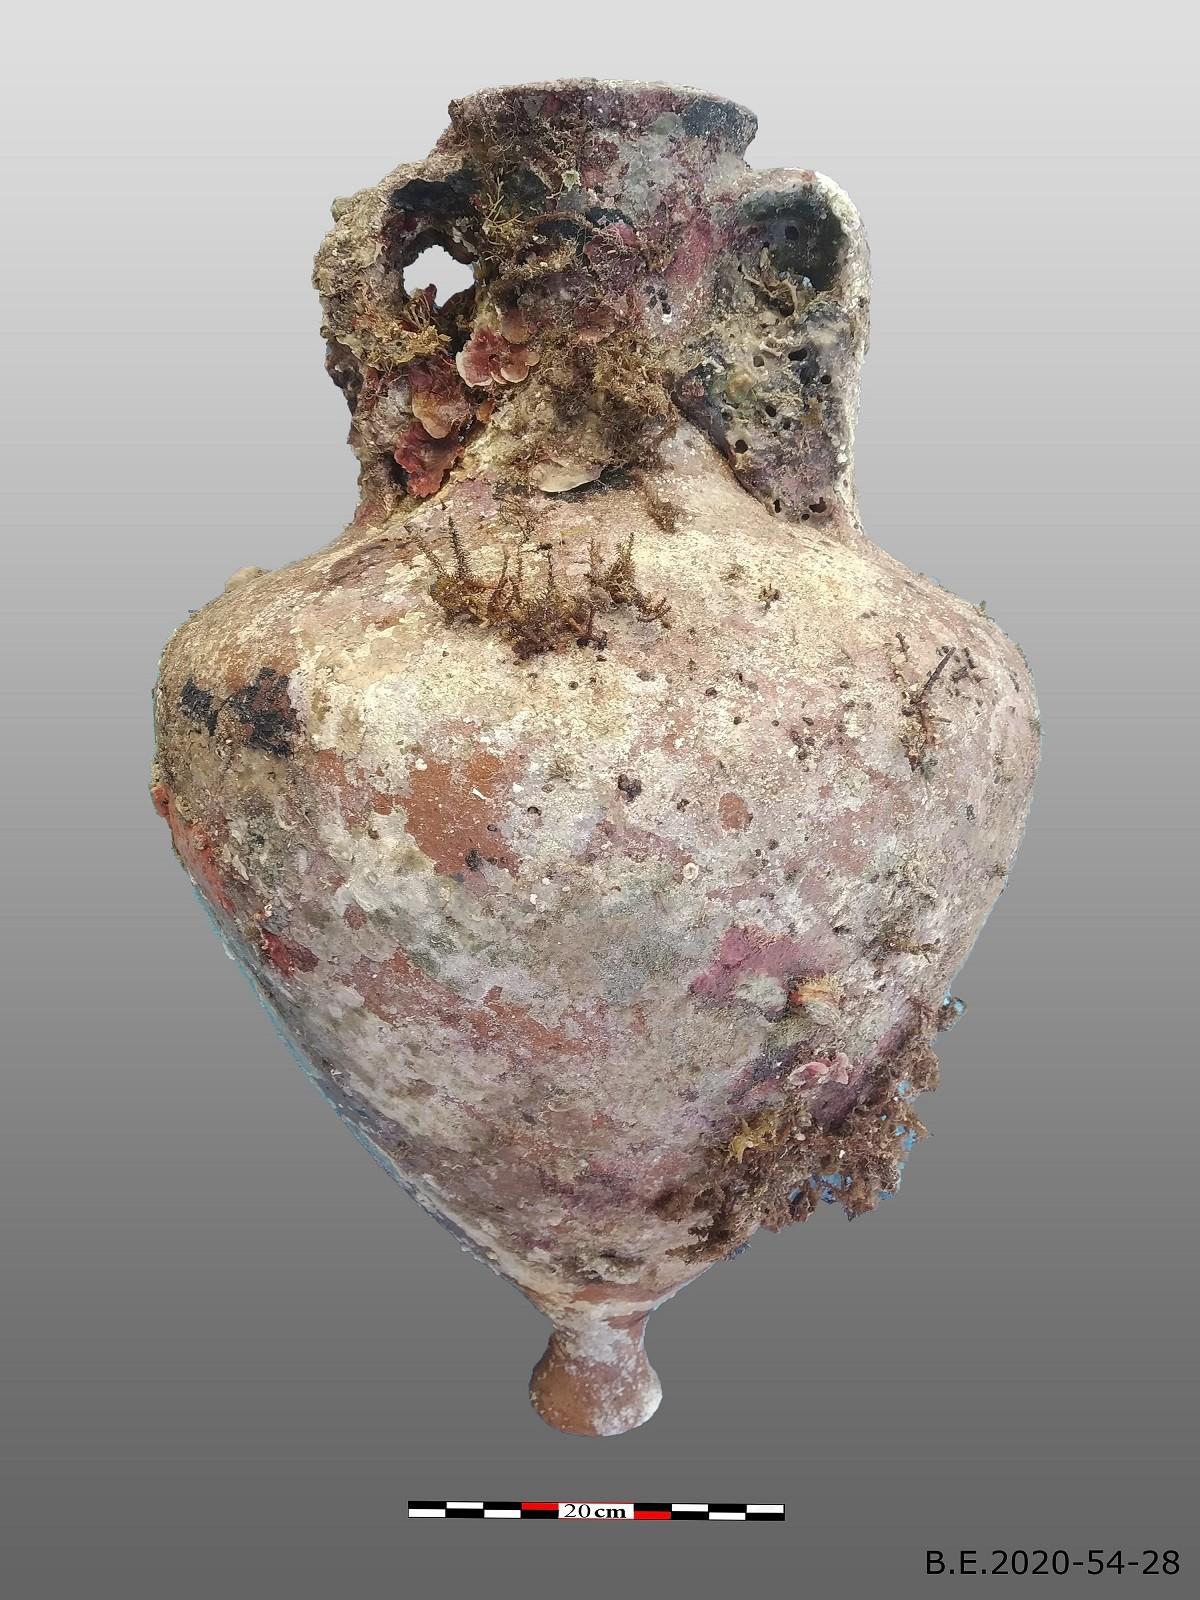 Η ρωμαϊκή ιστιοπλοΐα ανακαλύφθηκε στην Ελλάδα πριν από 1.800 χρόνια (Φωτογραφία: Υπουργείο Πολιτισμού της Ελλάδας)